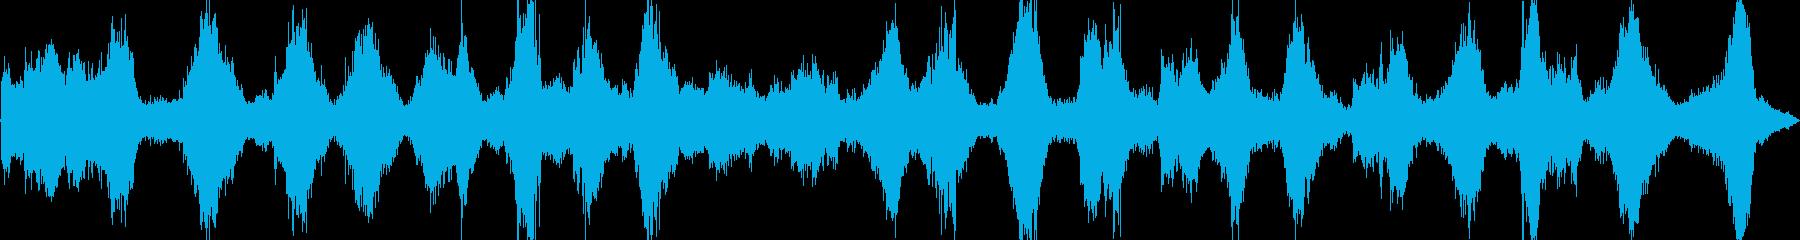 海、激しい波の音(バイノーラル録音)の再生済みの波形